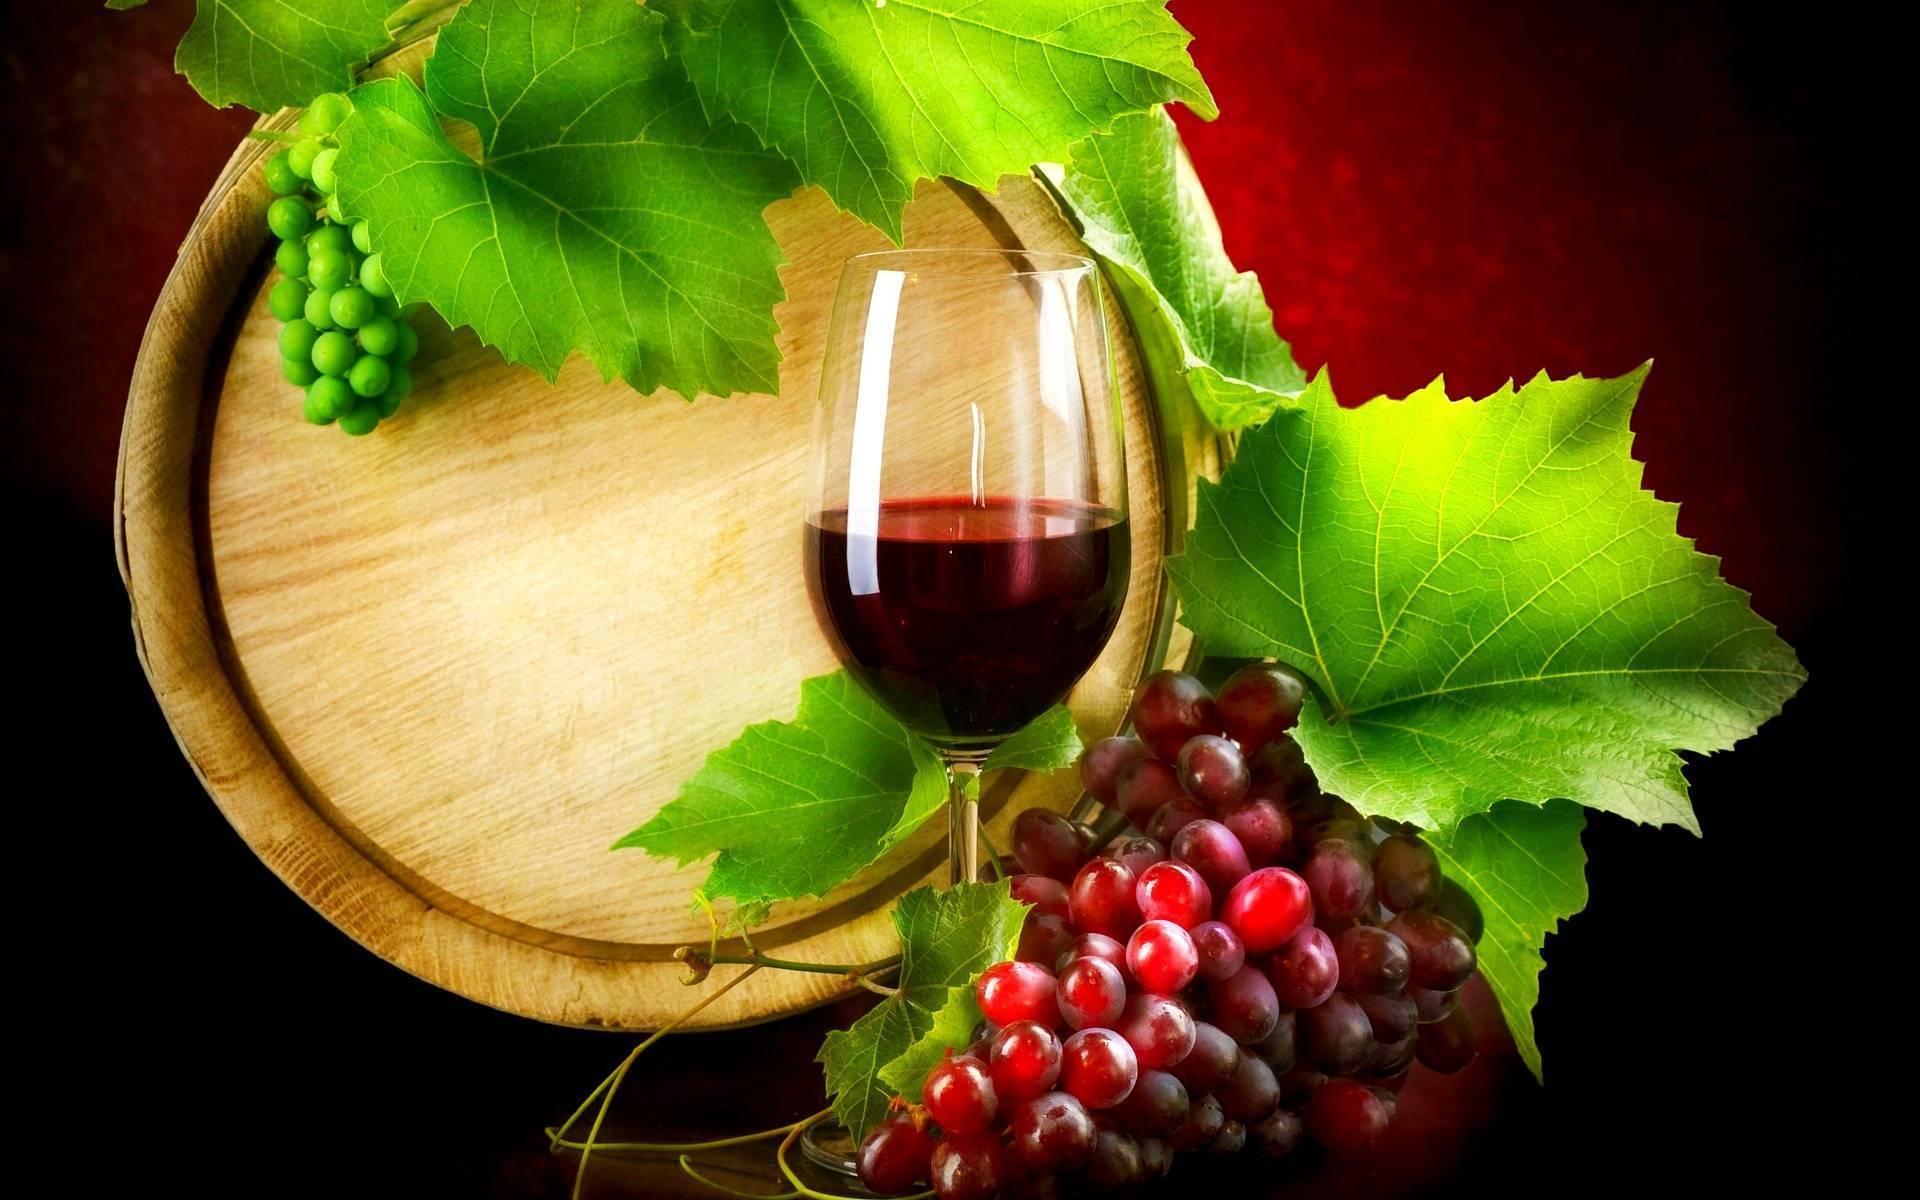 Vino e frutti di bosco ogni giorno: dimagrire con il resveratrolo